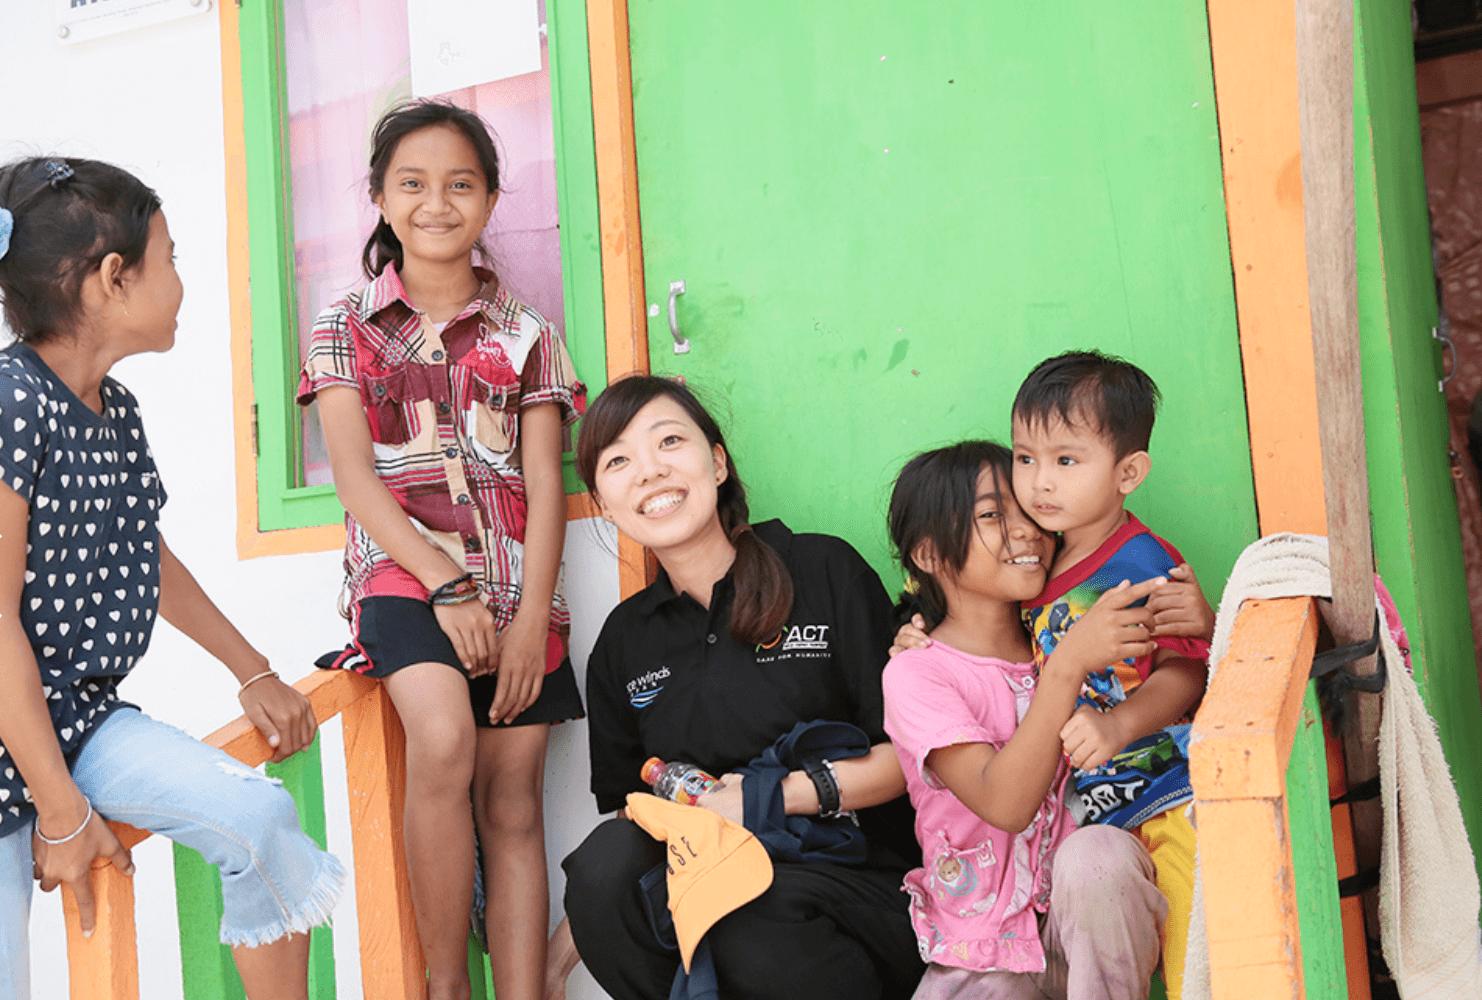 インドネシア:仮設住宅、工夫凝らし 中部スラウェシ 日本NGO支援